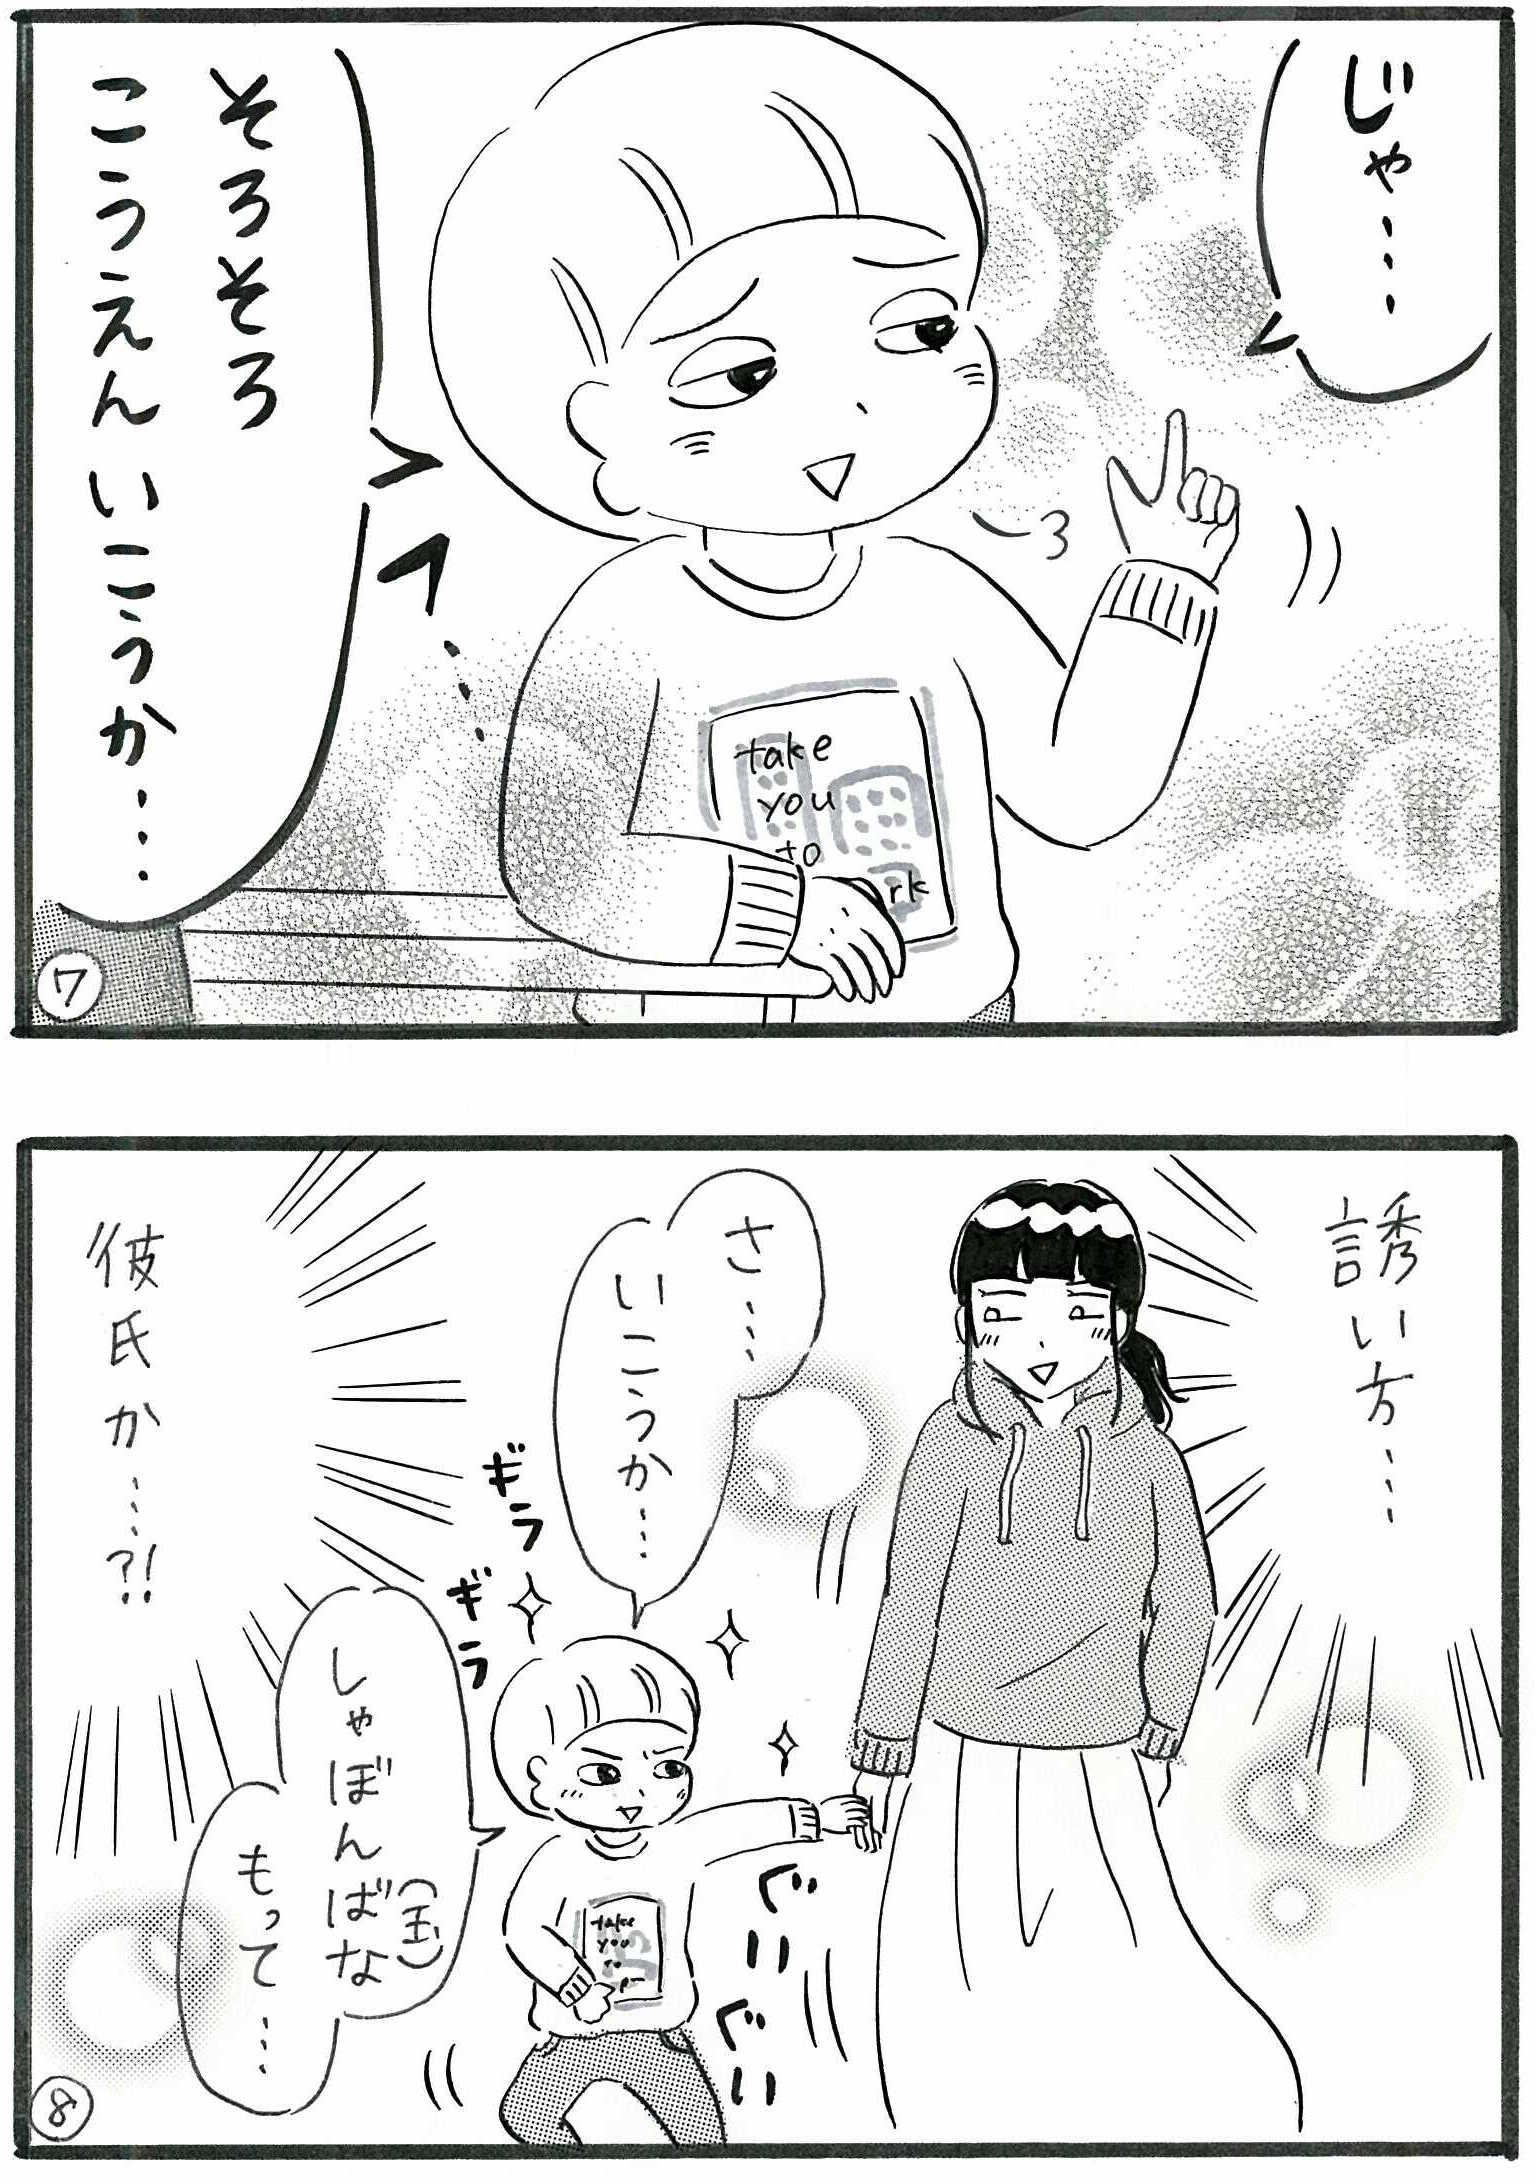 ハナコママ 育児 漫画